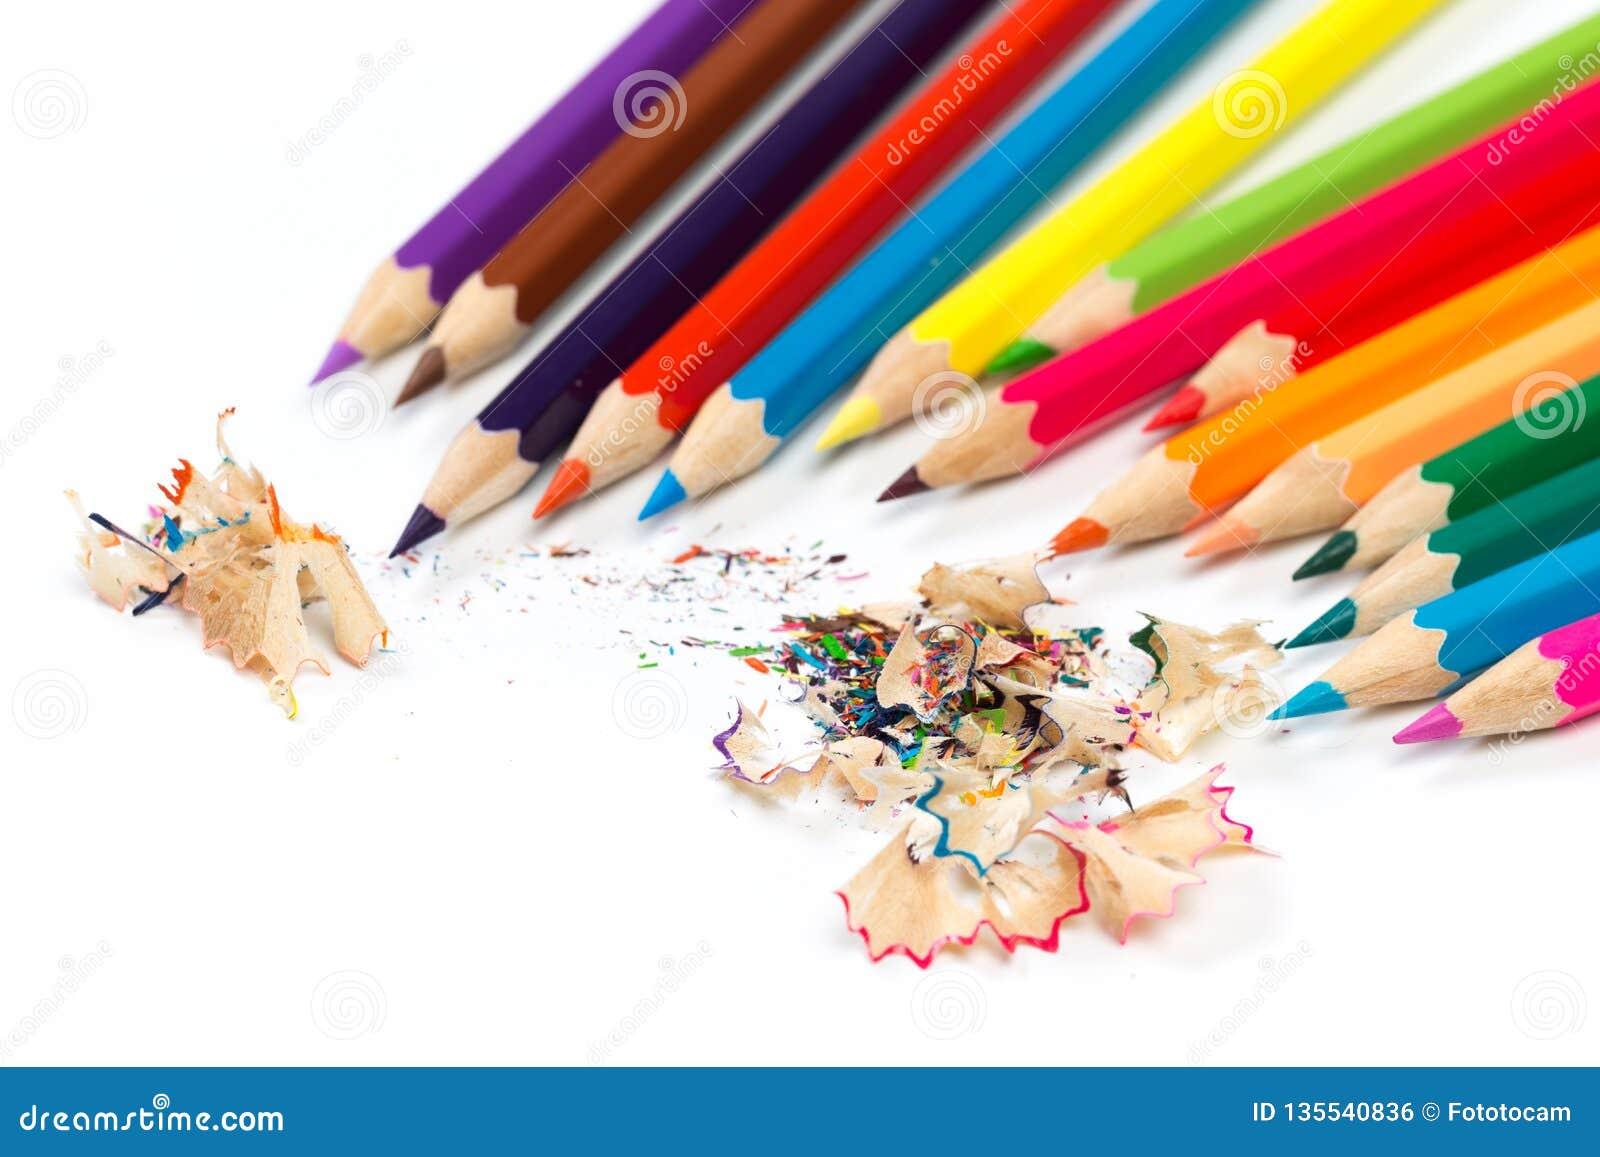 Kleurpotloden en spaanders met potloden Slijper van potloden op een witte achtergrond